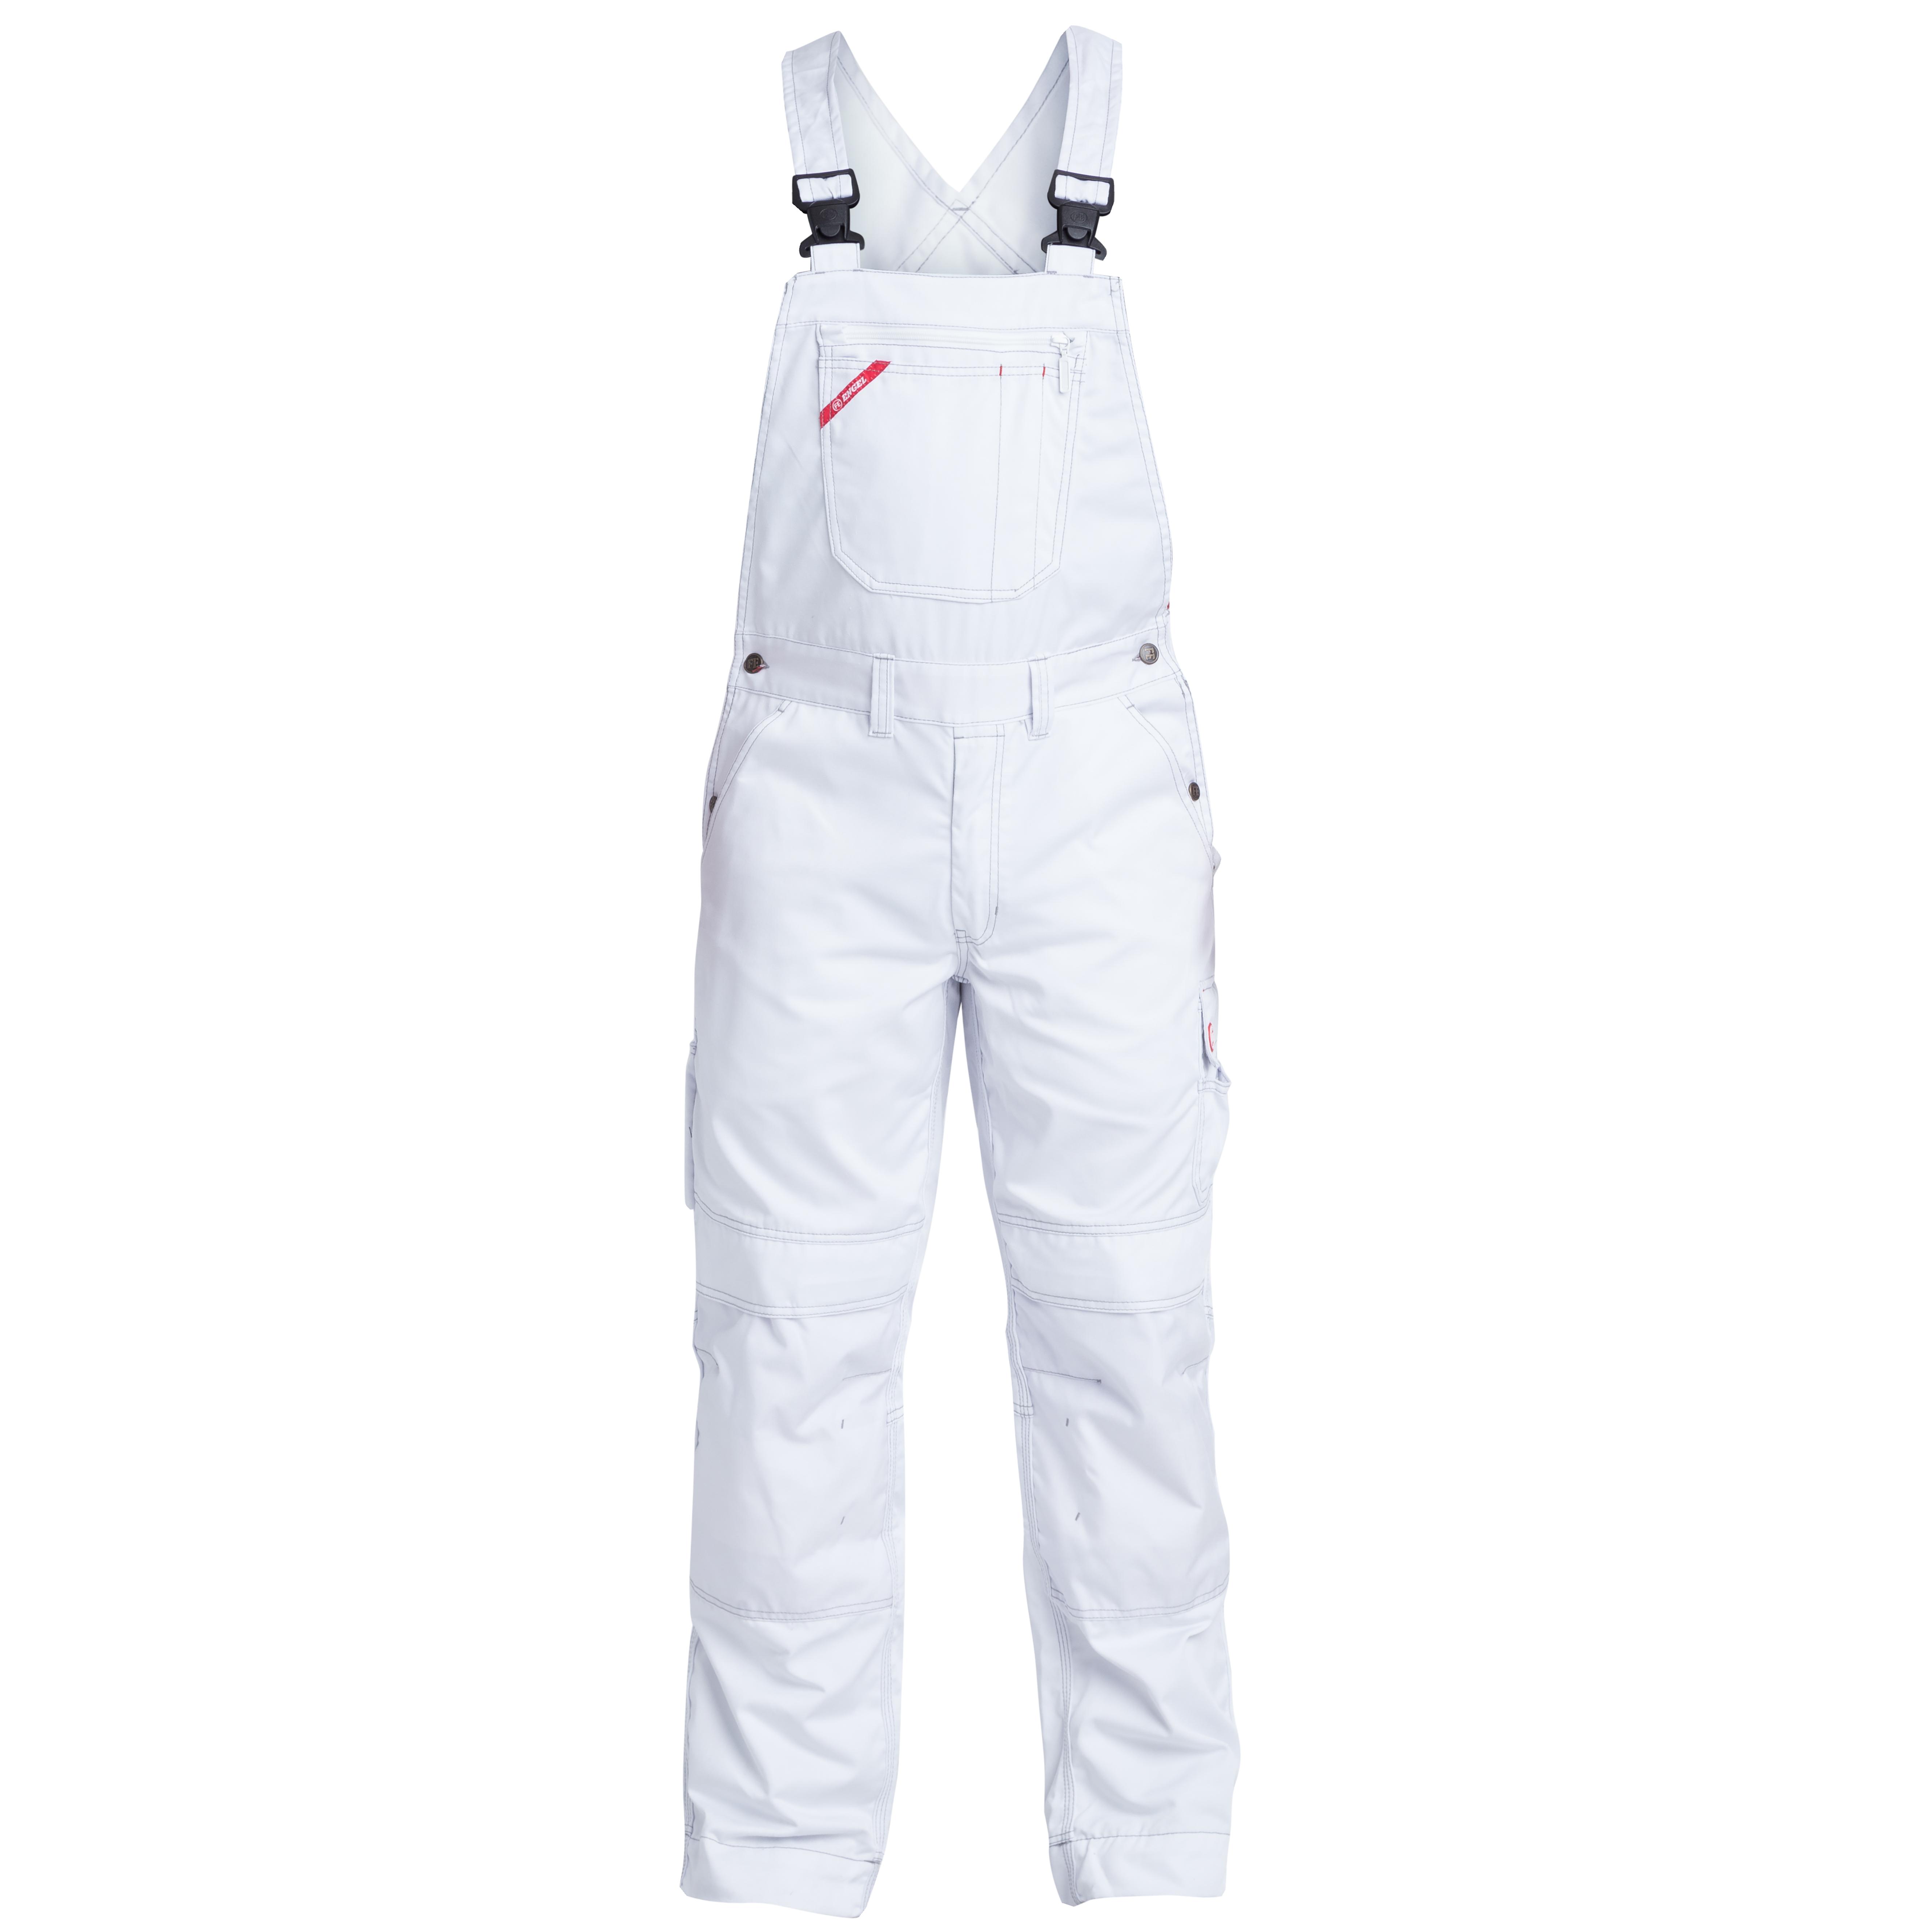 Heute im Angebot: COMBAT LATZHOSE - 3761-630 von ENGEL- Farbe- weiß